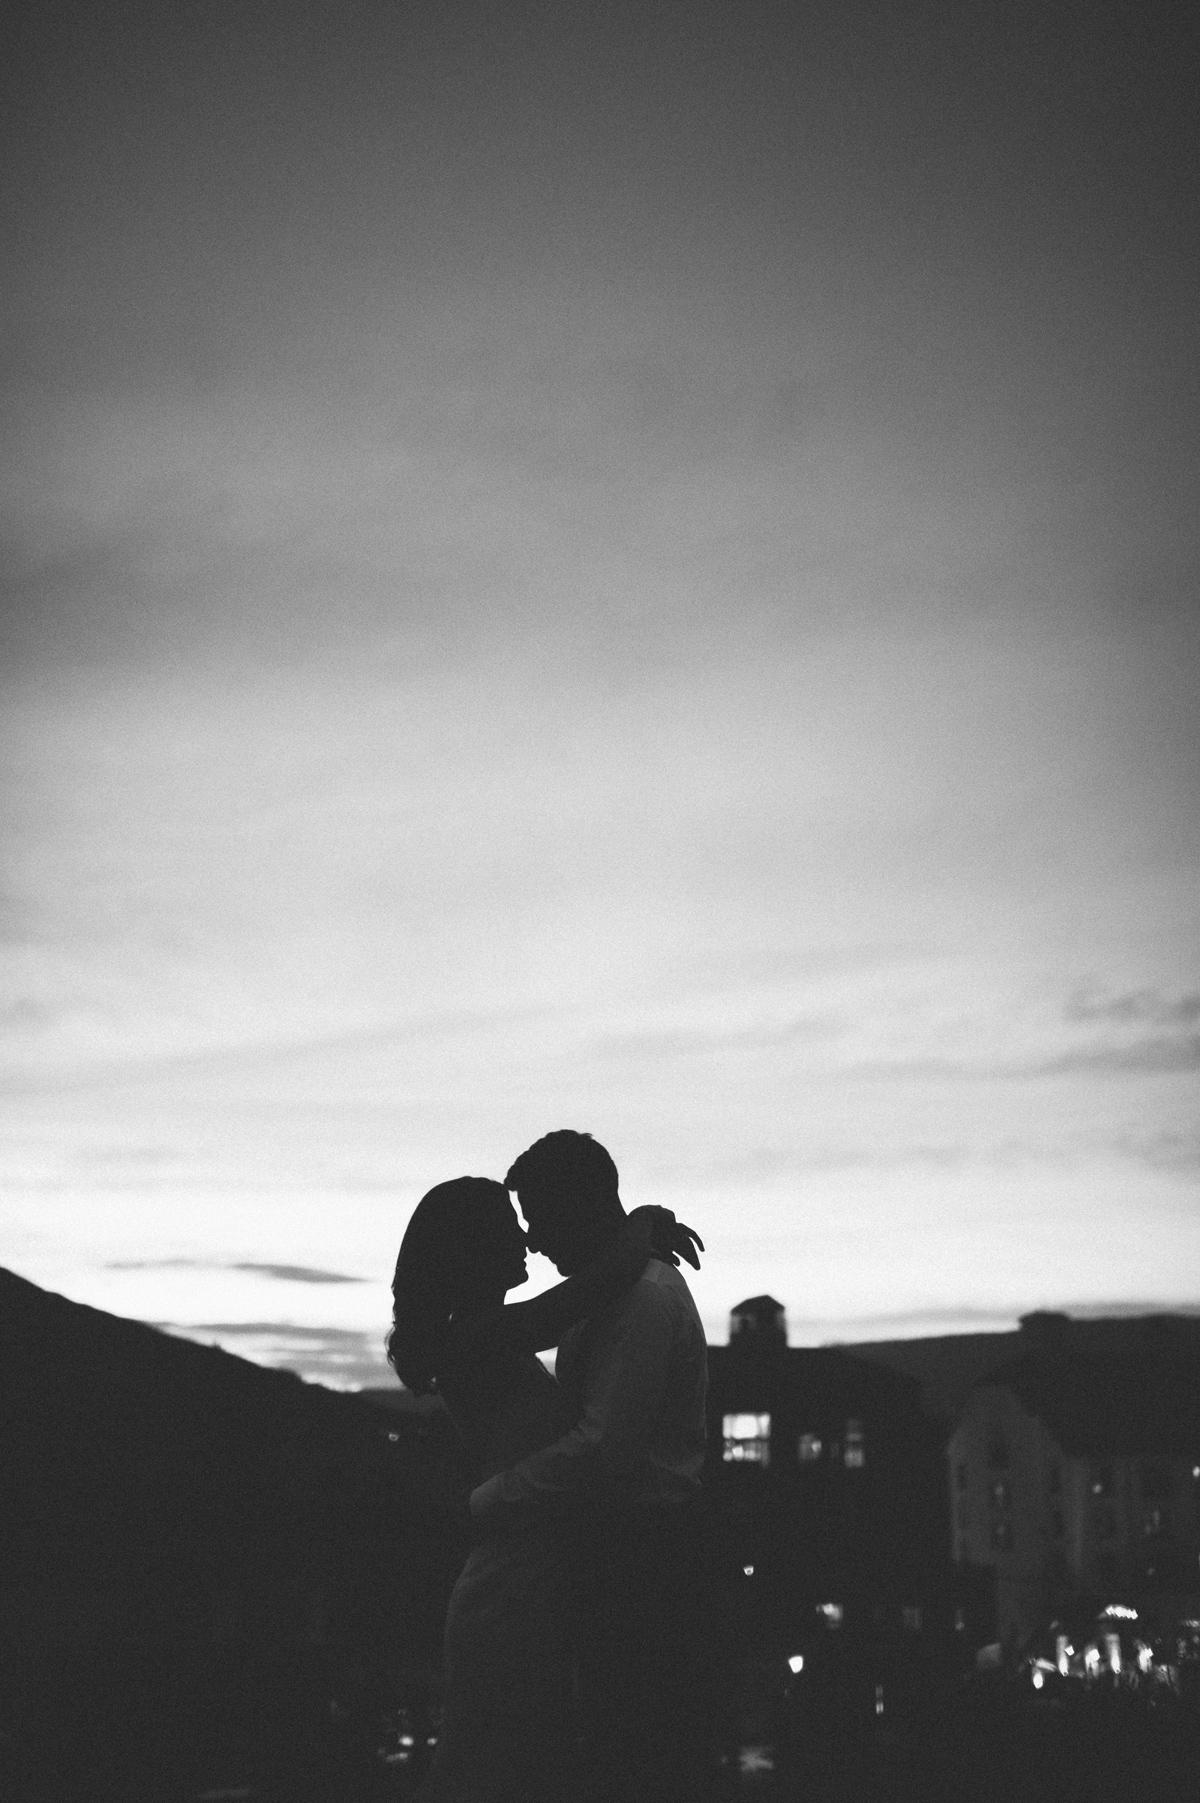 491-beaver-creek--park-hyatt--sunset--wedding--portrait--couple--black-and-white.jpg